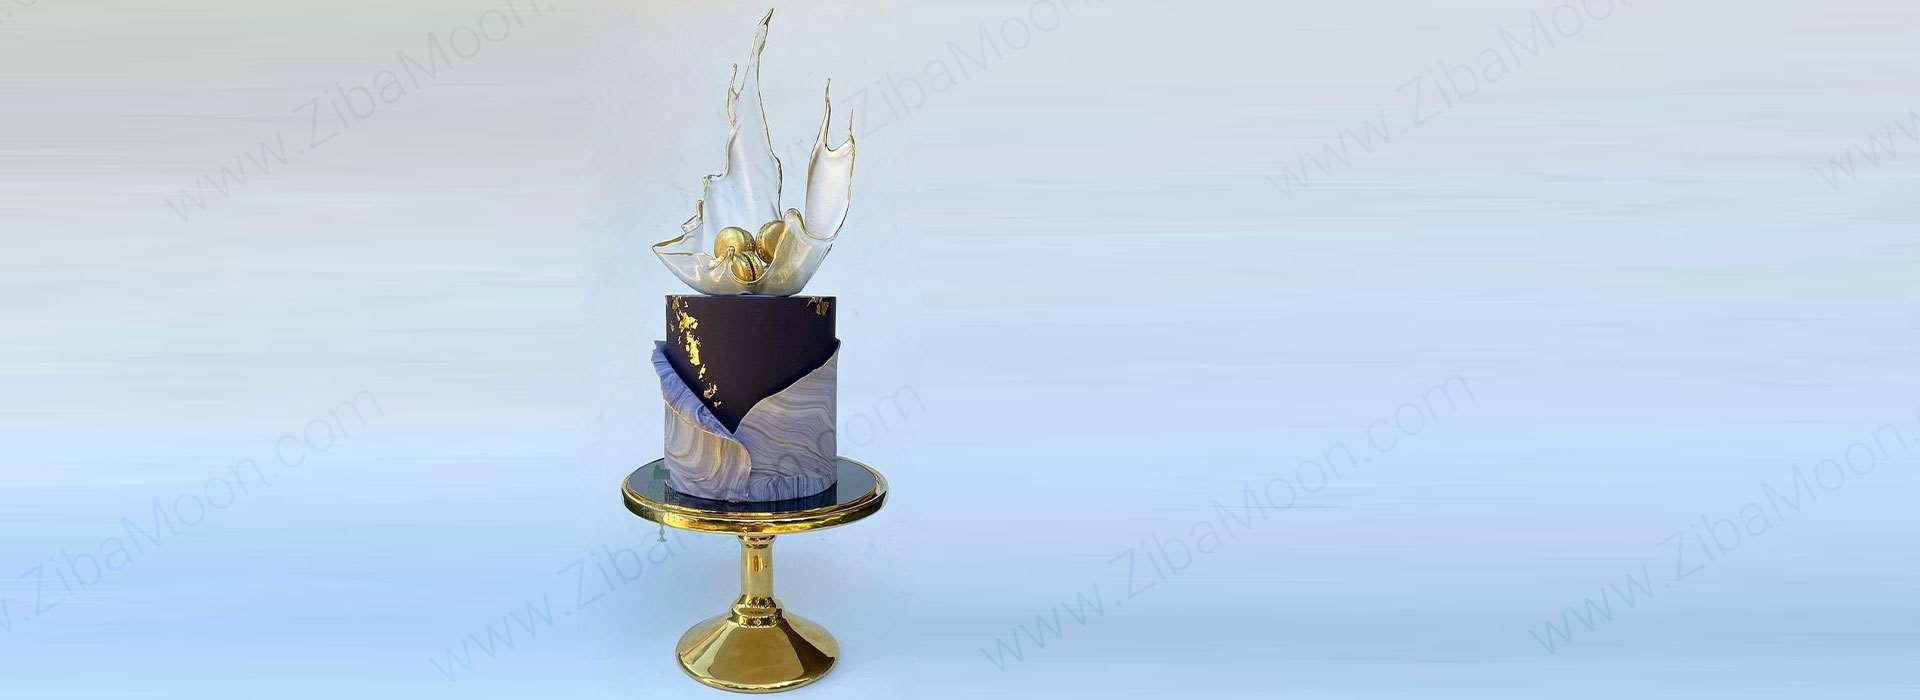 50 عکس کیک تولد مردانه لاکچری و شیک 2021